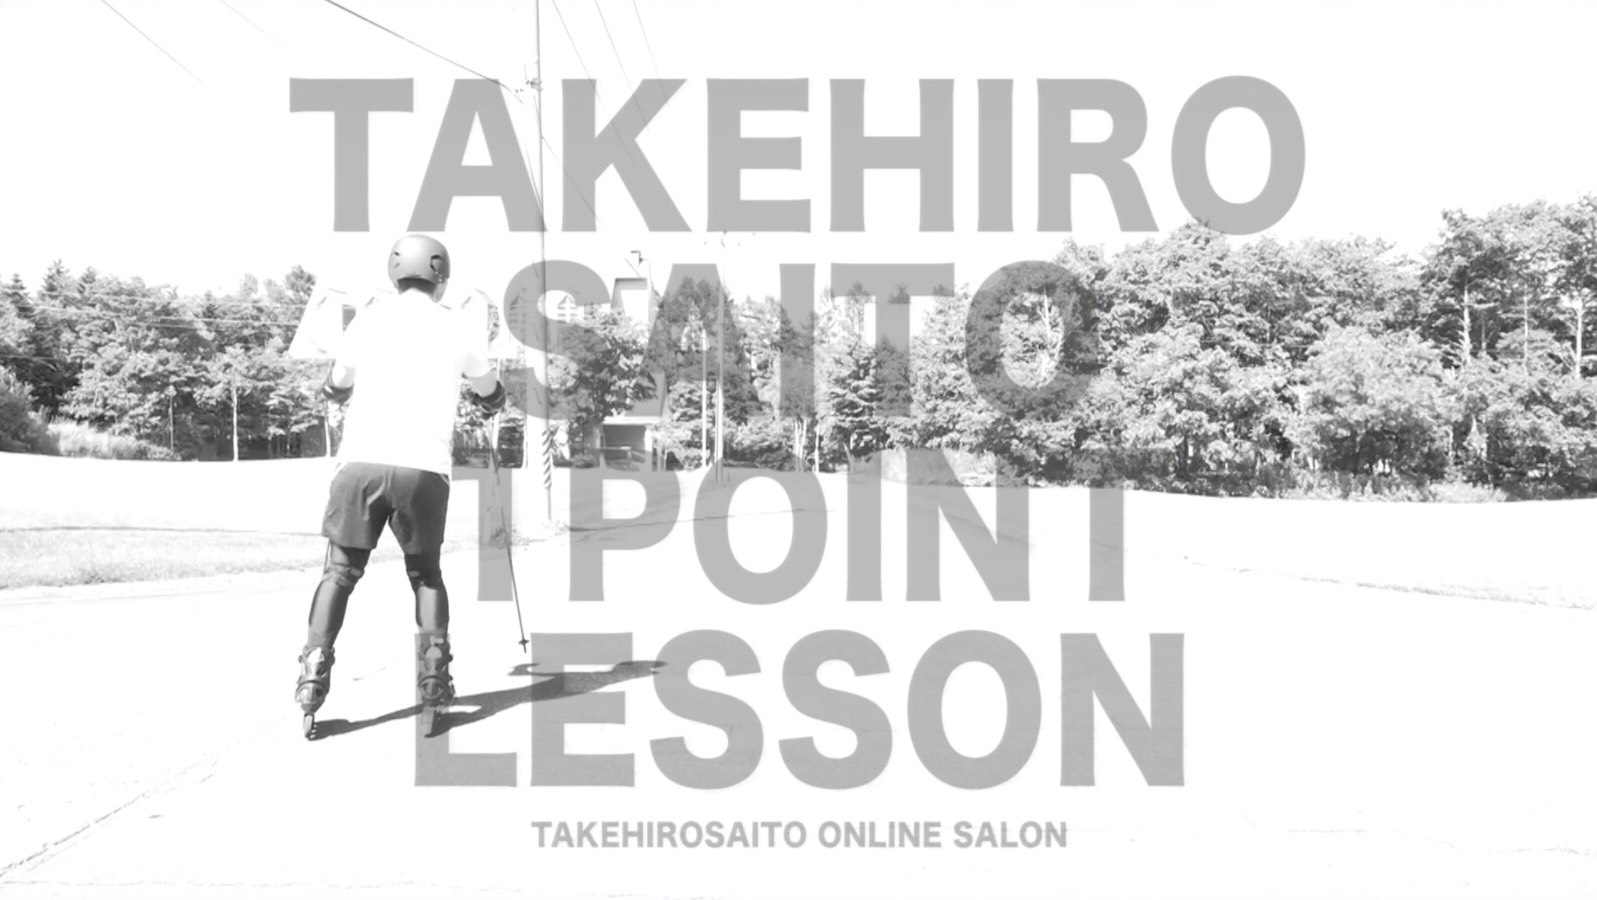 【動画】軸に乗って滑れるようになるトレーニング|1 Point lesson|No.11